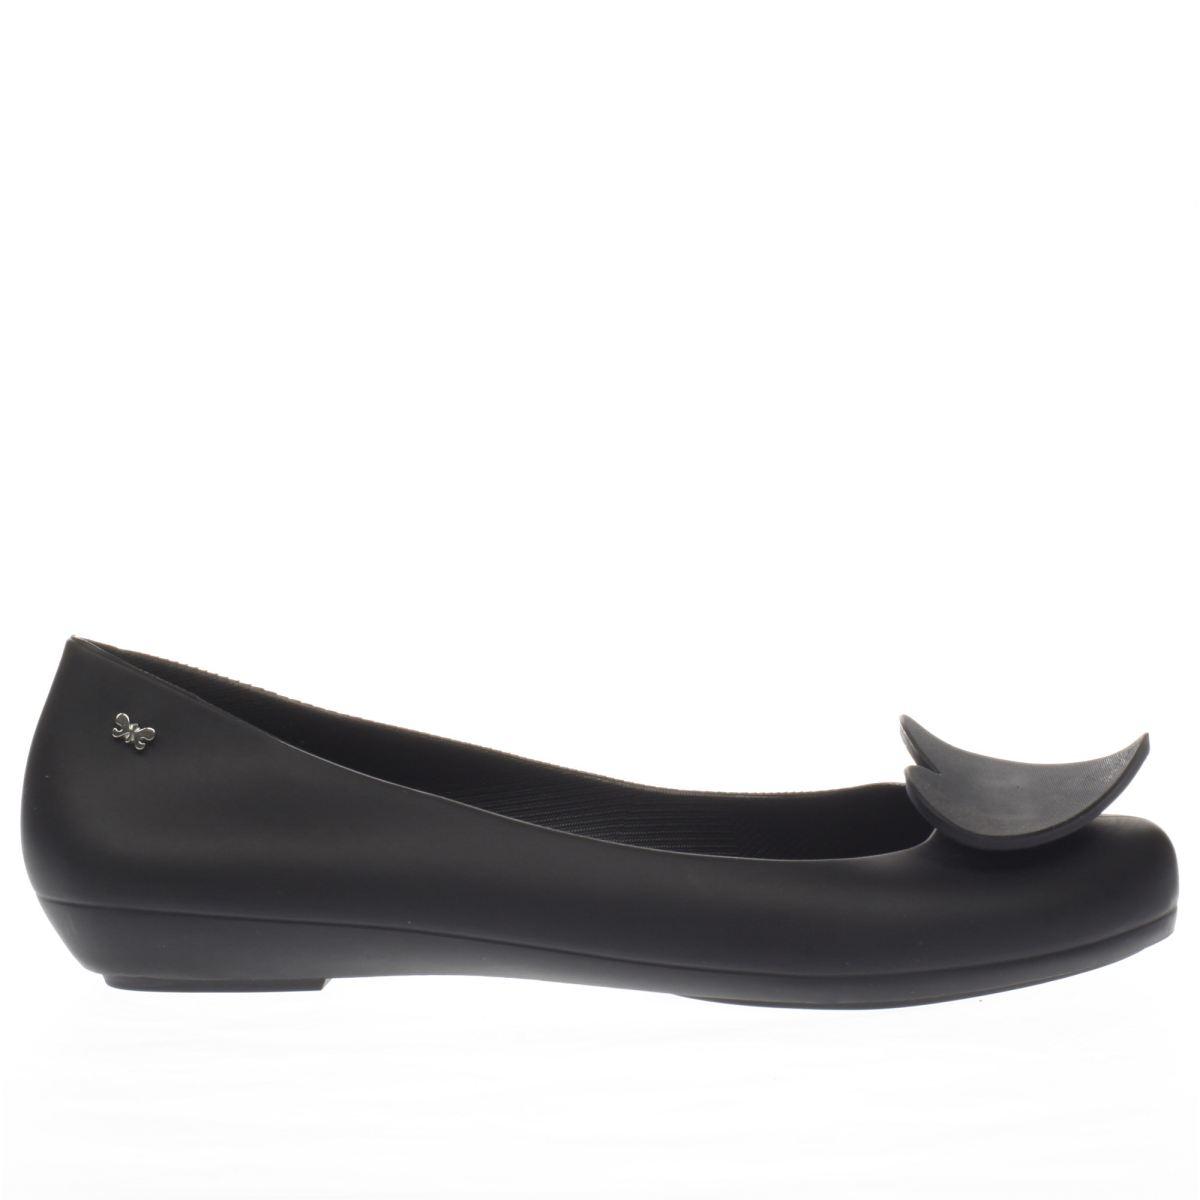 zaxy black pop heart flat shoes